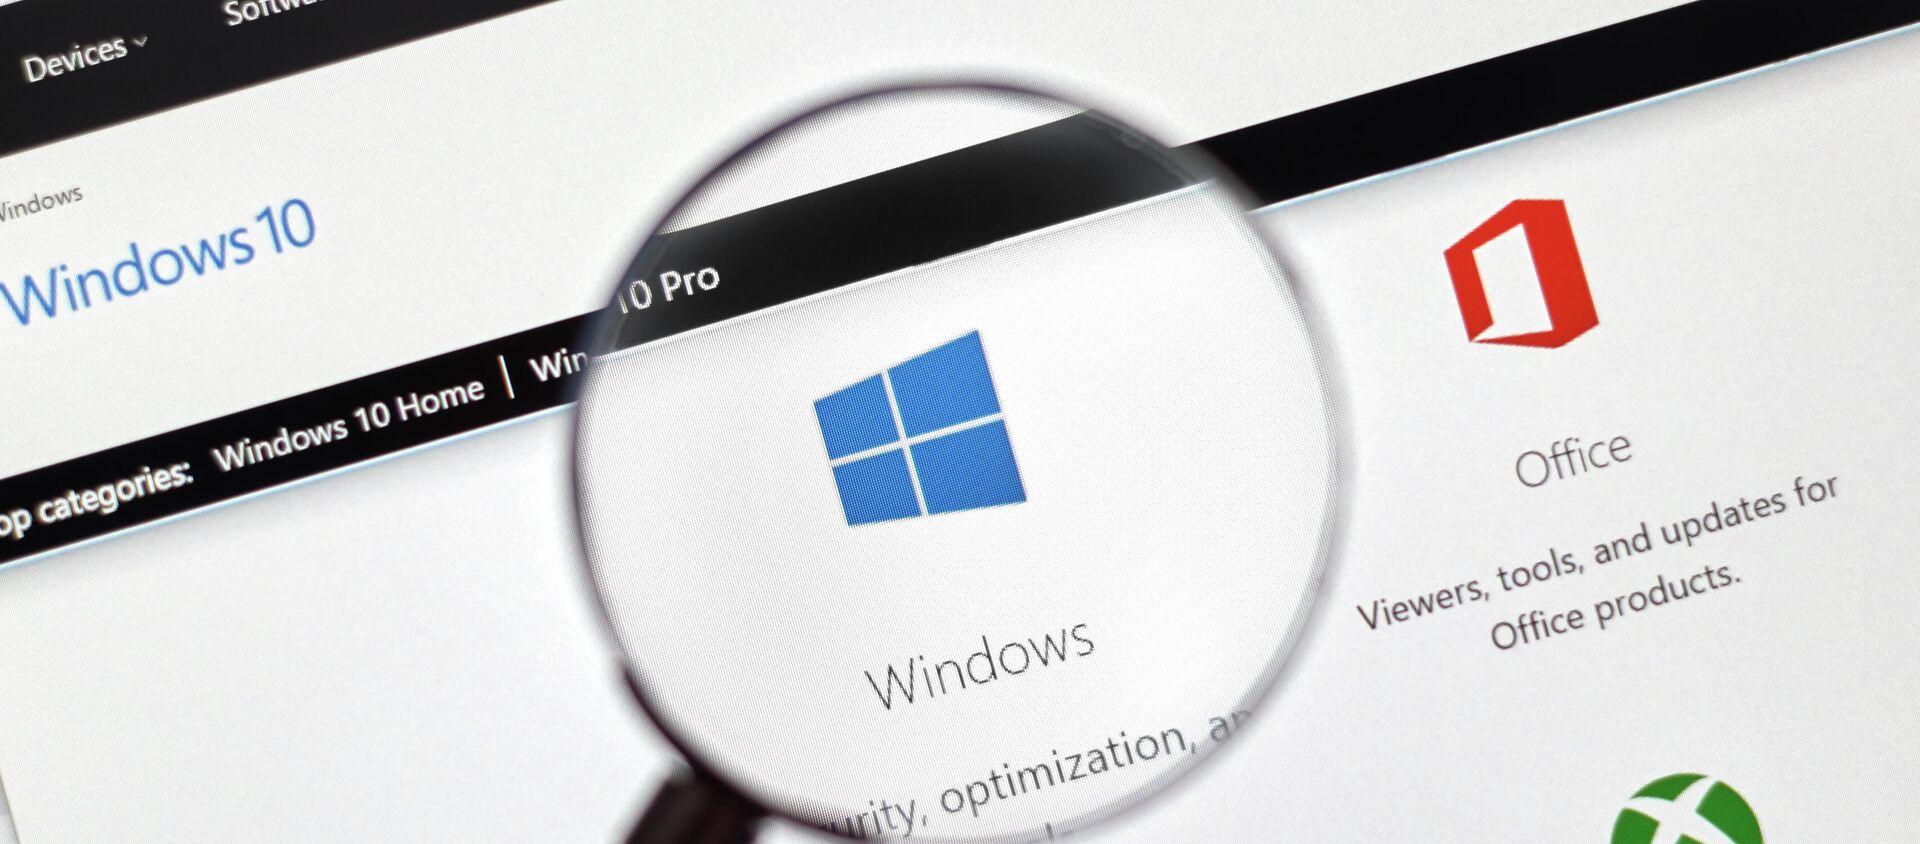 Hệ điều hành Windows 10 - Sputnik Việt Nam, 1920, 29.12.2020